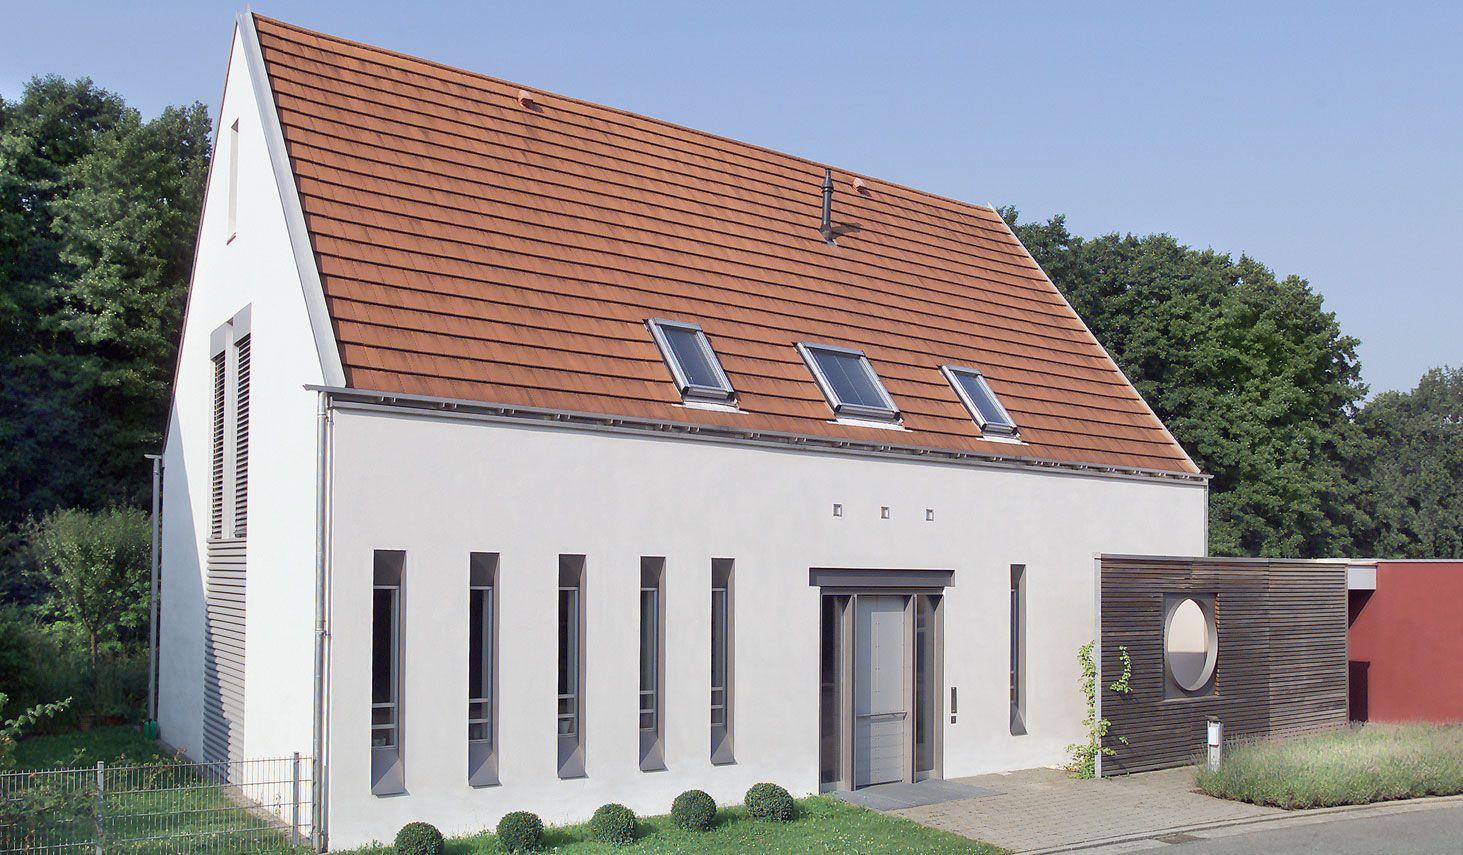 Home design bilder im inneren neubau wh g  neumarkt i d opf  zukünftige projekte